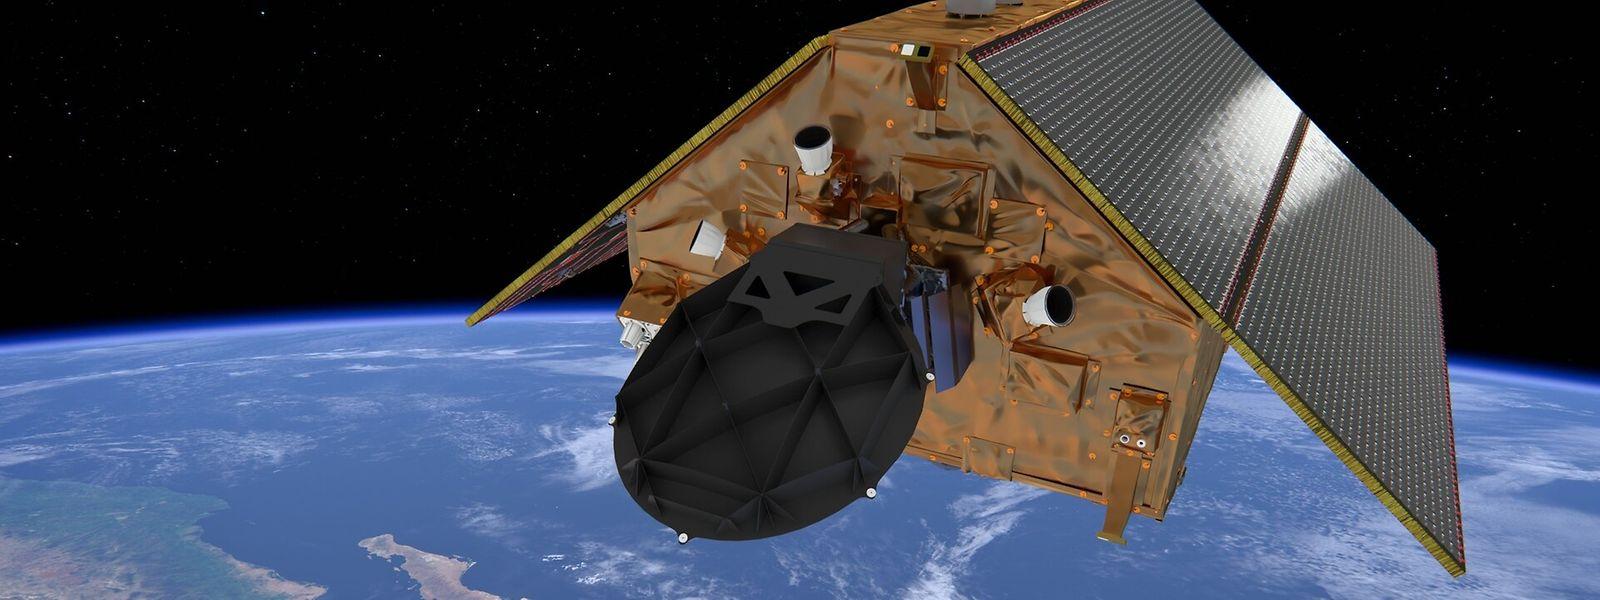 Die Sentinel-Satelliten liefern wichtige Klimadaten, bieten aber auch Privatfirmen neue Möglichkeiten.